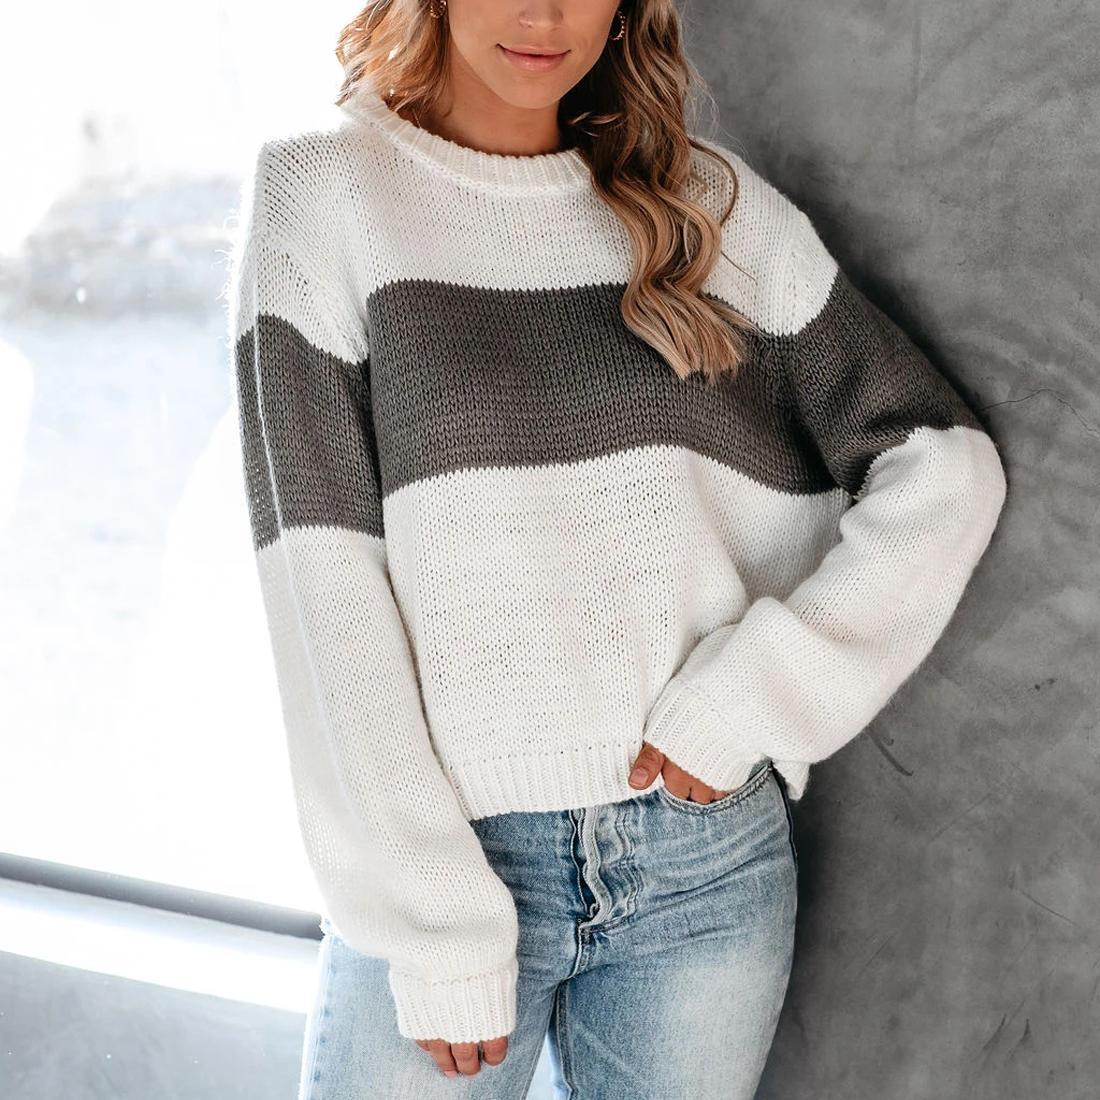 A strisce Donne maglione di colore a blocchi collo rotondo delle donne Maglione Atumn inverno caldo di spessore Pullover morbido cotone a coste a maglia